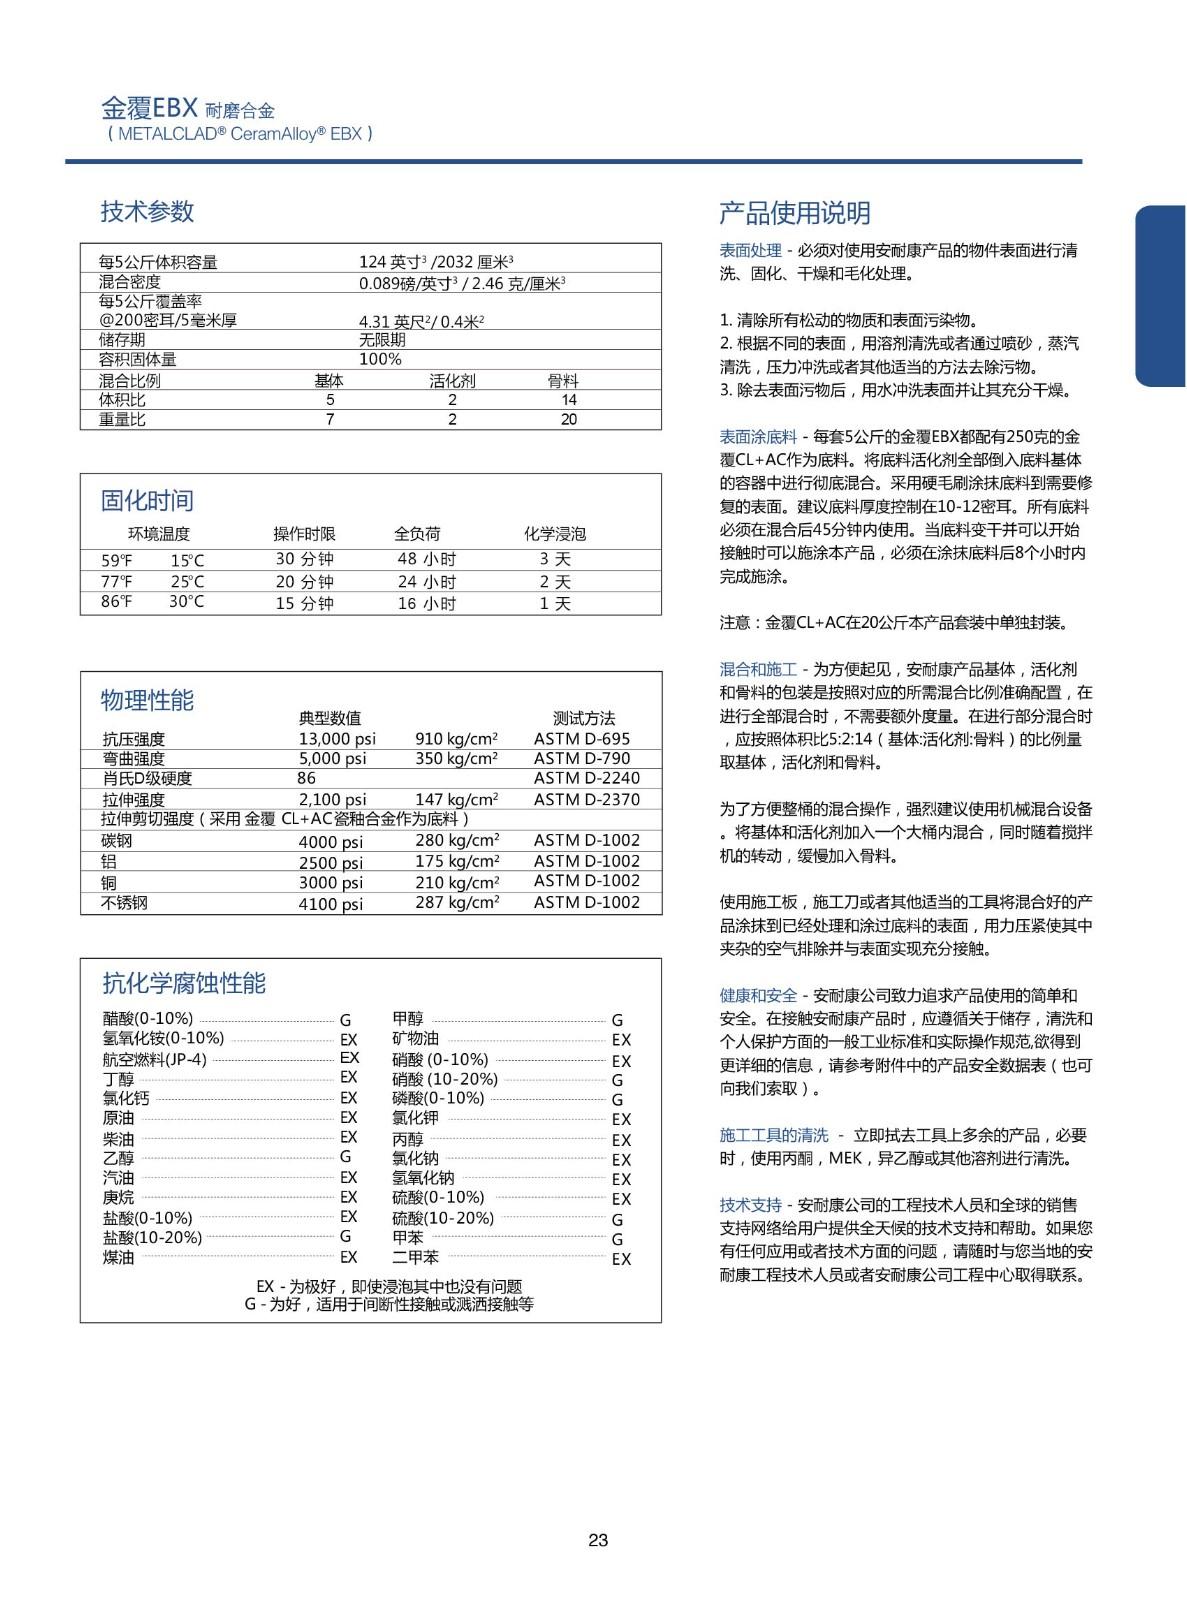 金覆EBX技術參數與使用說明.jpg